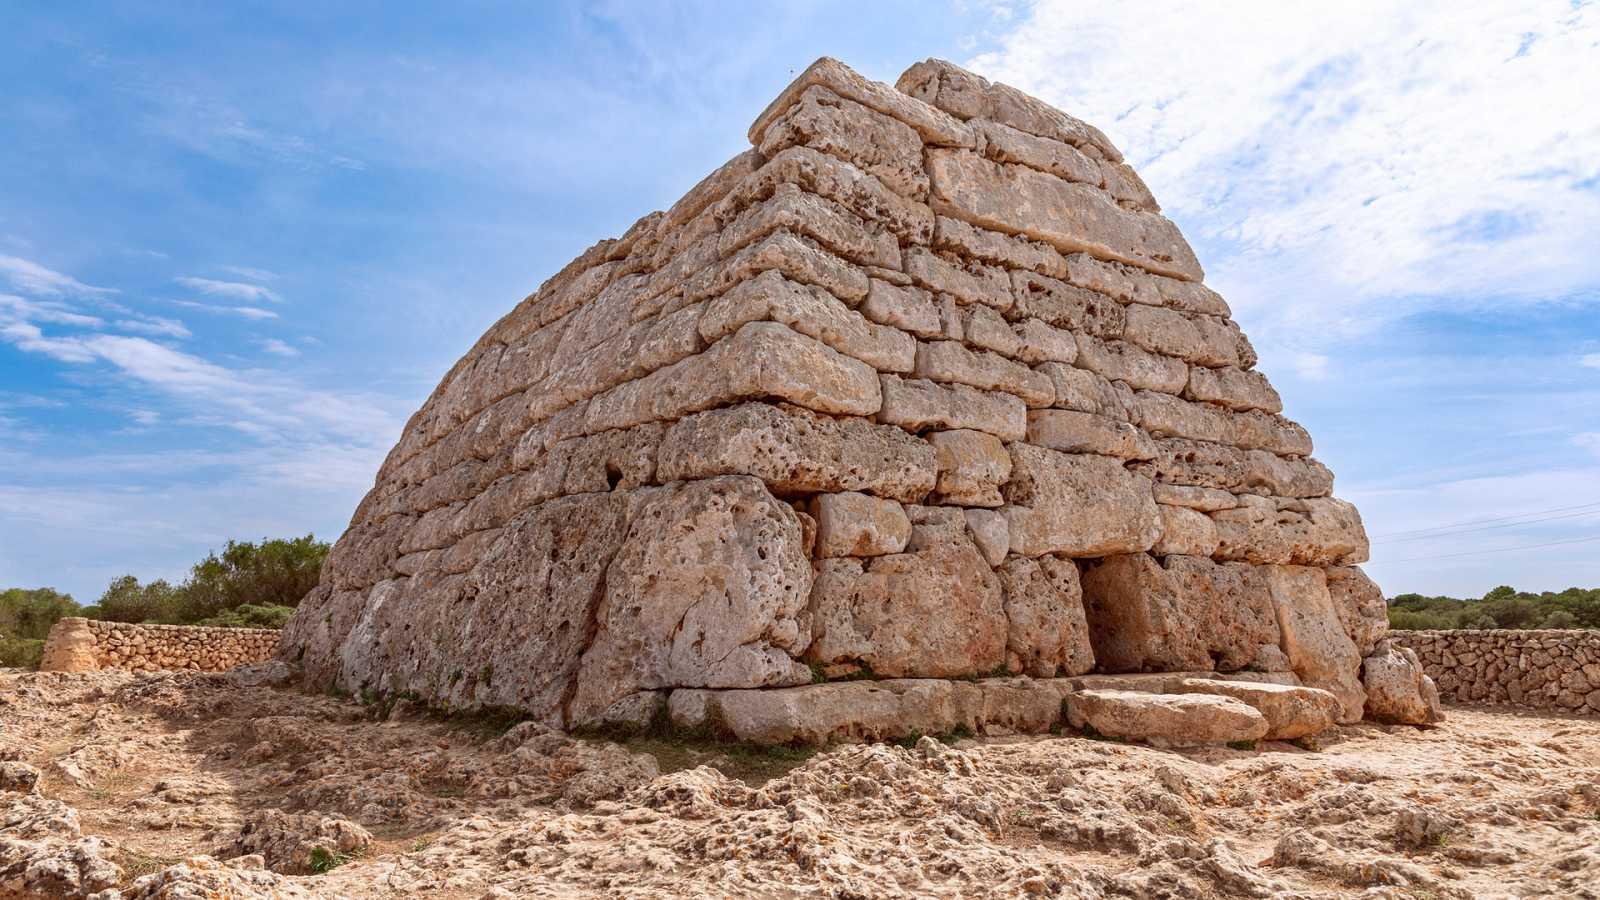 Marca España - La Menorca talayótica aspira a ser patrimonio mundial - 12/01/21 - Escuchar ahora